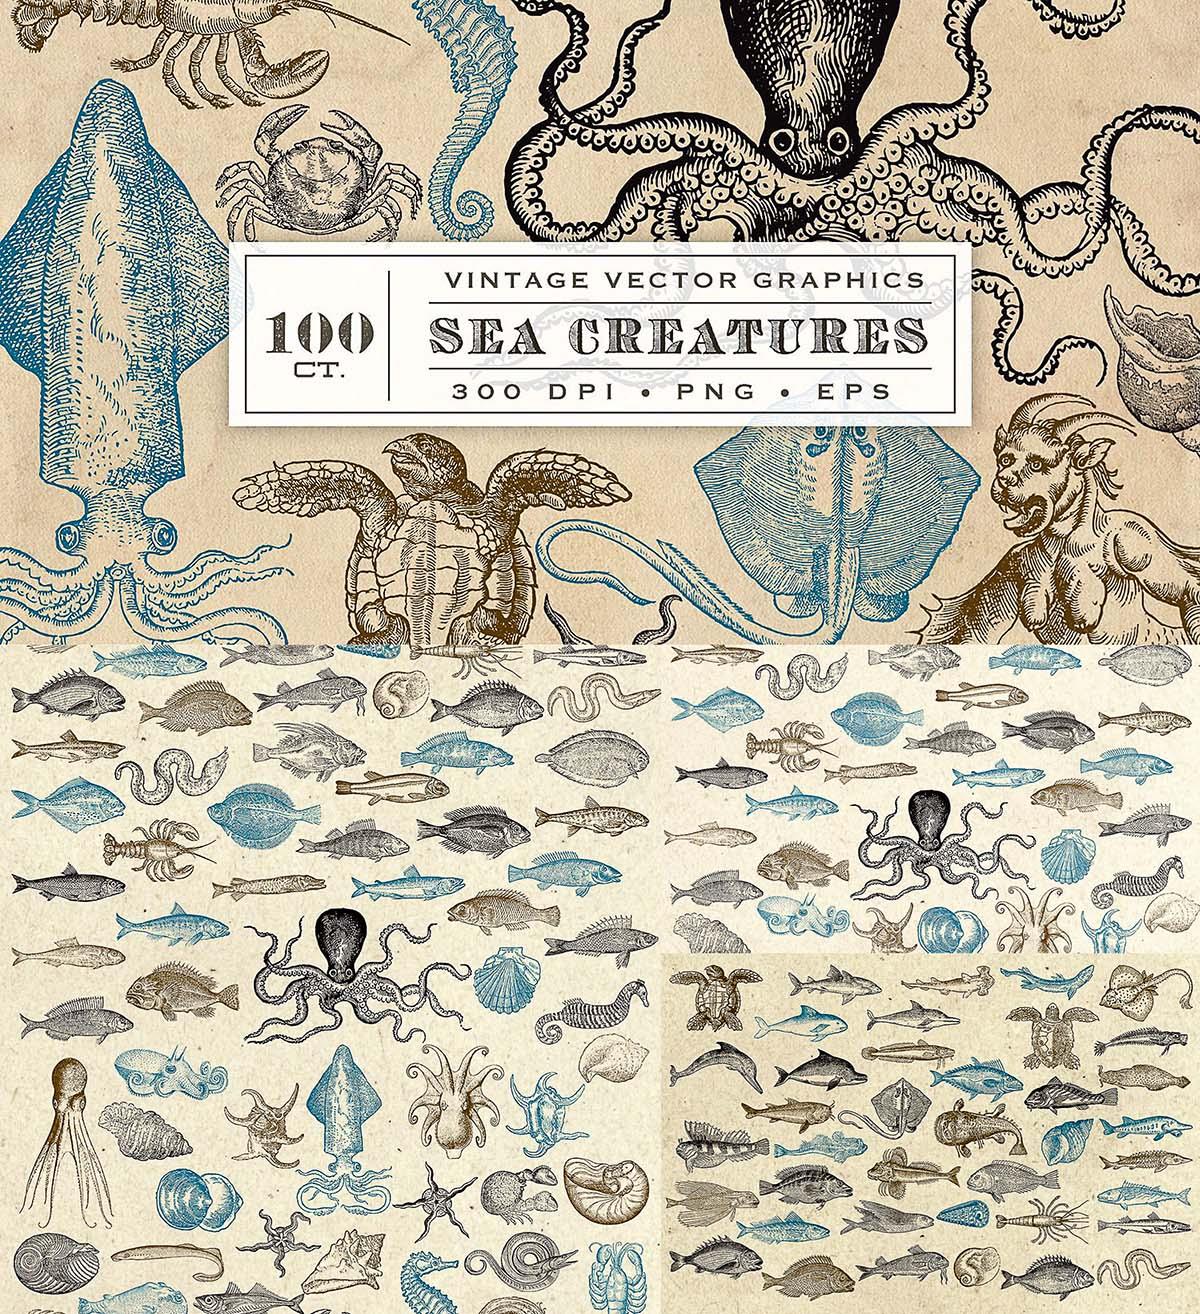 Antique sea creatures illustrations